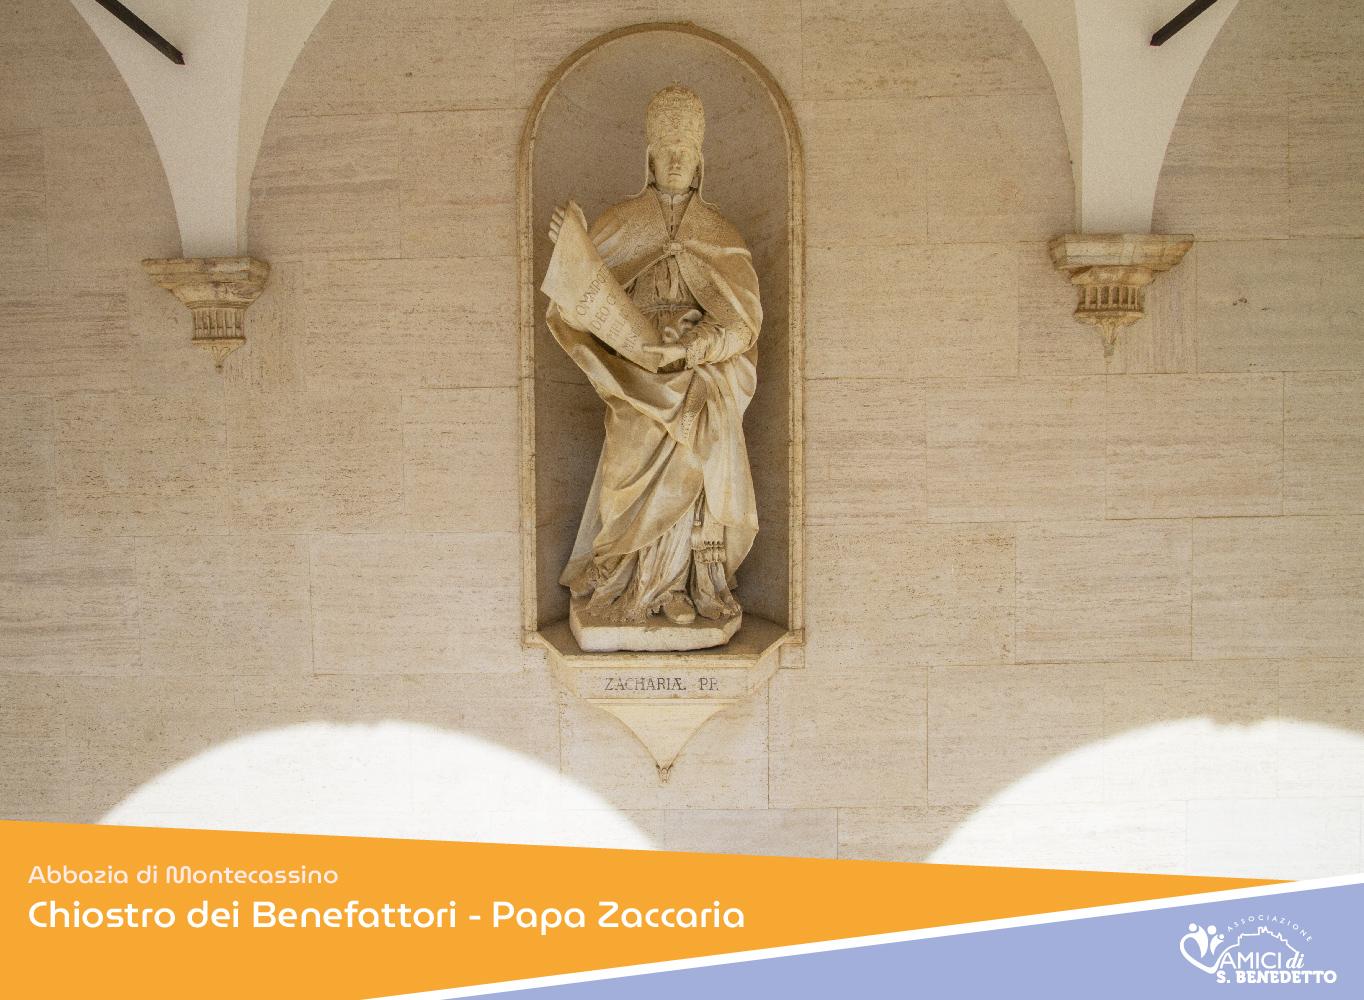 Chiostro dei Benefattori – Papa Zaccaria